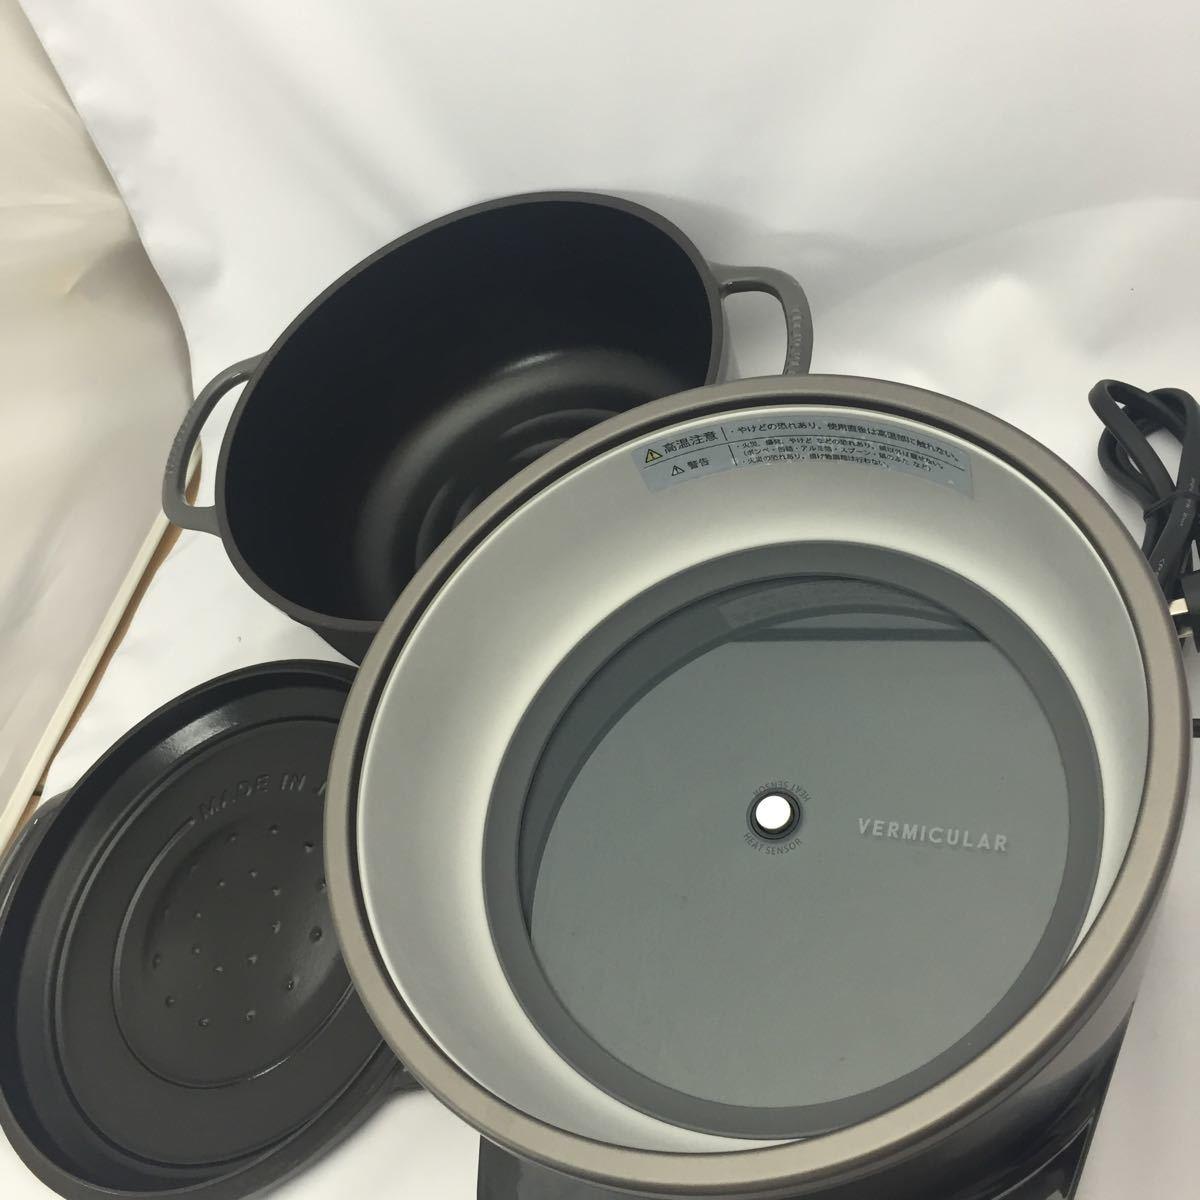 X104 バーミキュラー ライスポット 炊飯器 5号炊き RP23A-GY トリュフグレー 美品_画像4